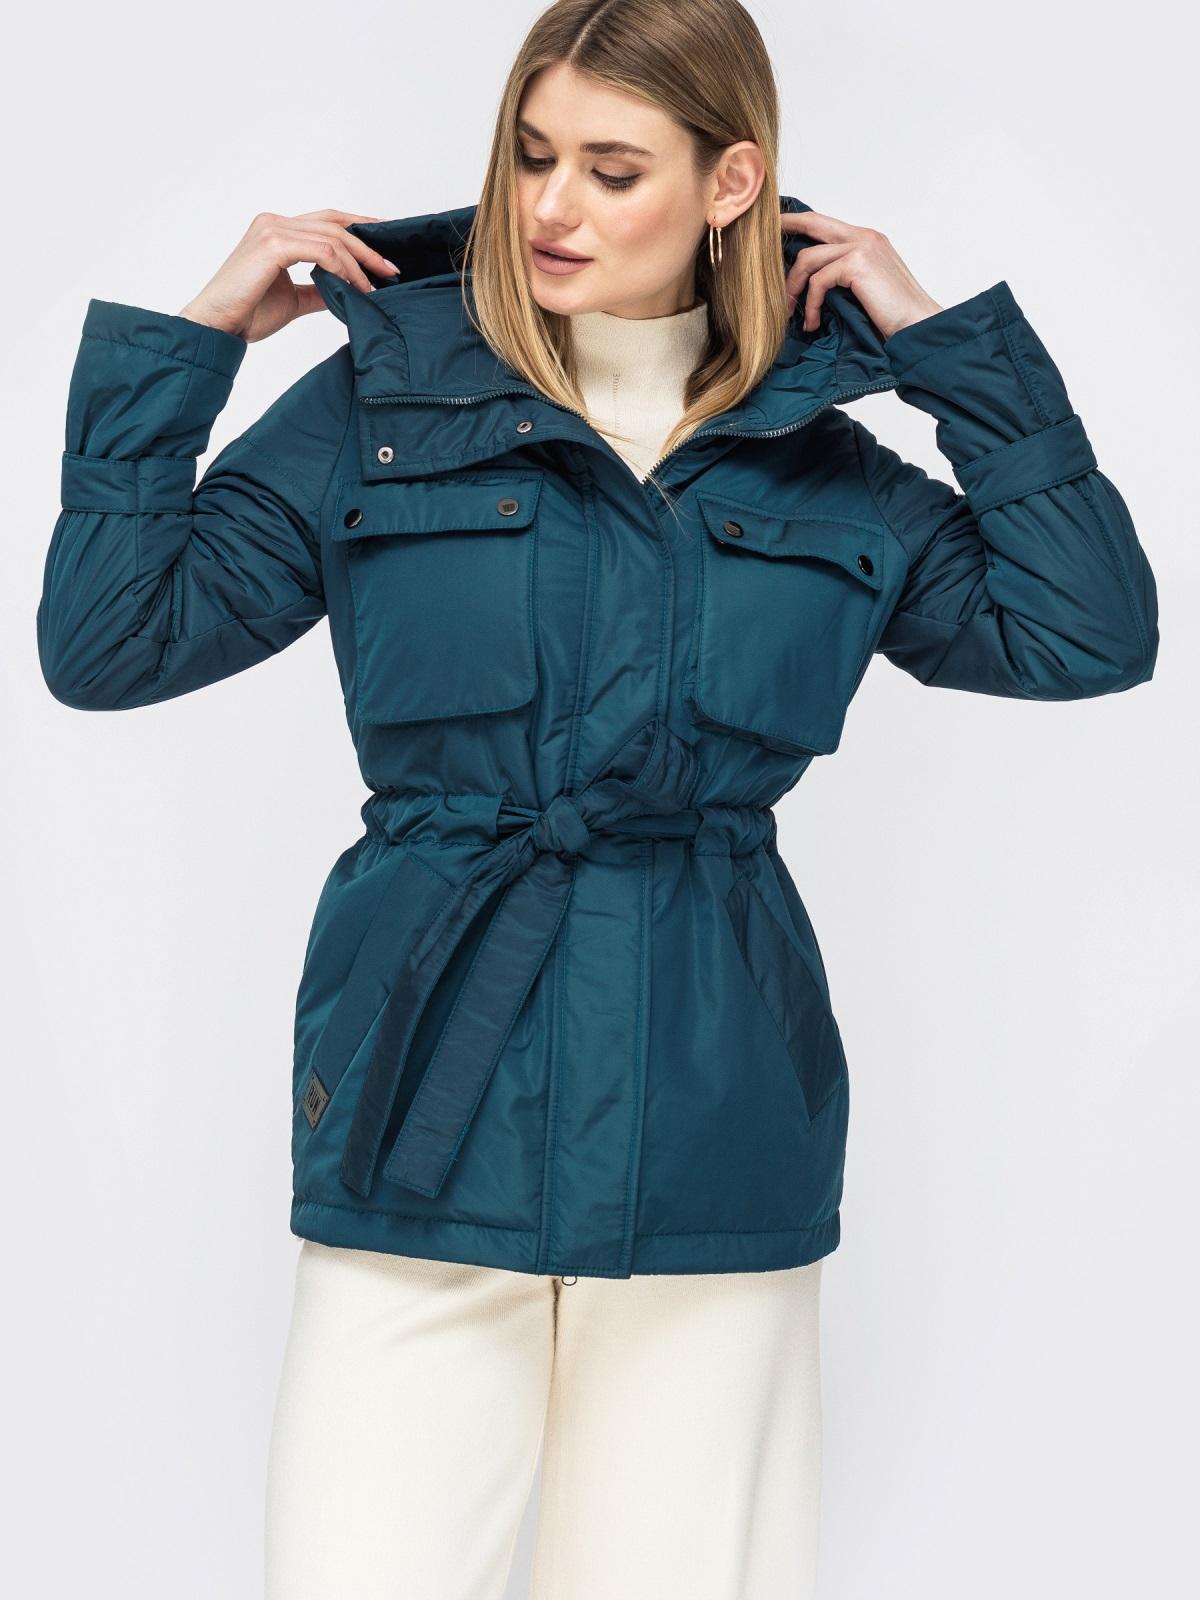 Демисезонная куртка с кулиской по талии тёмно-синяя - 45169, фото 1 – интернет-магазин Dressa